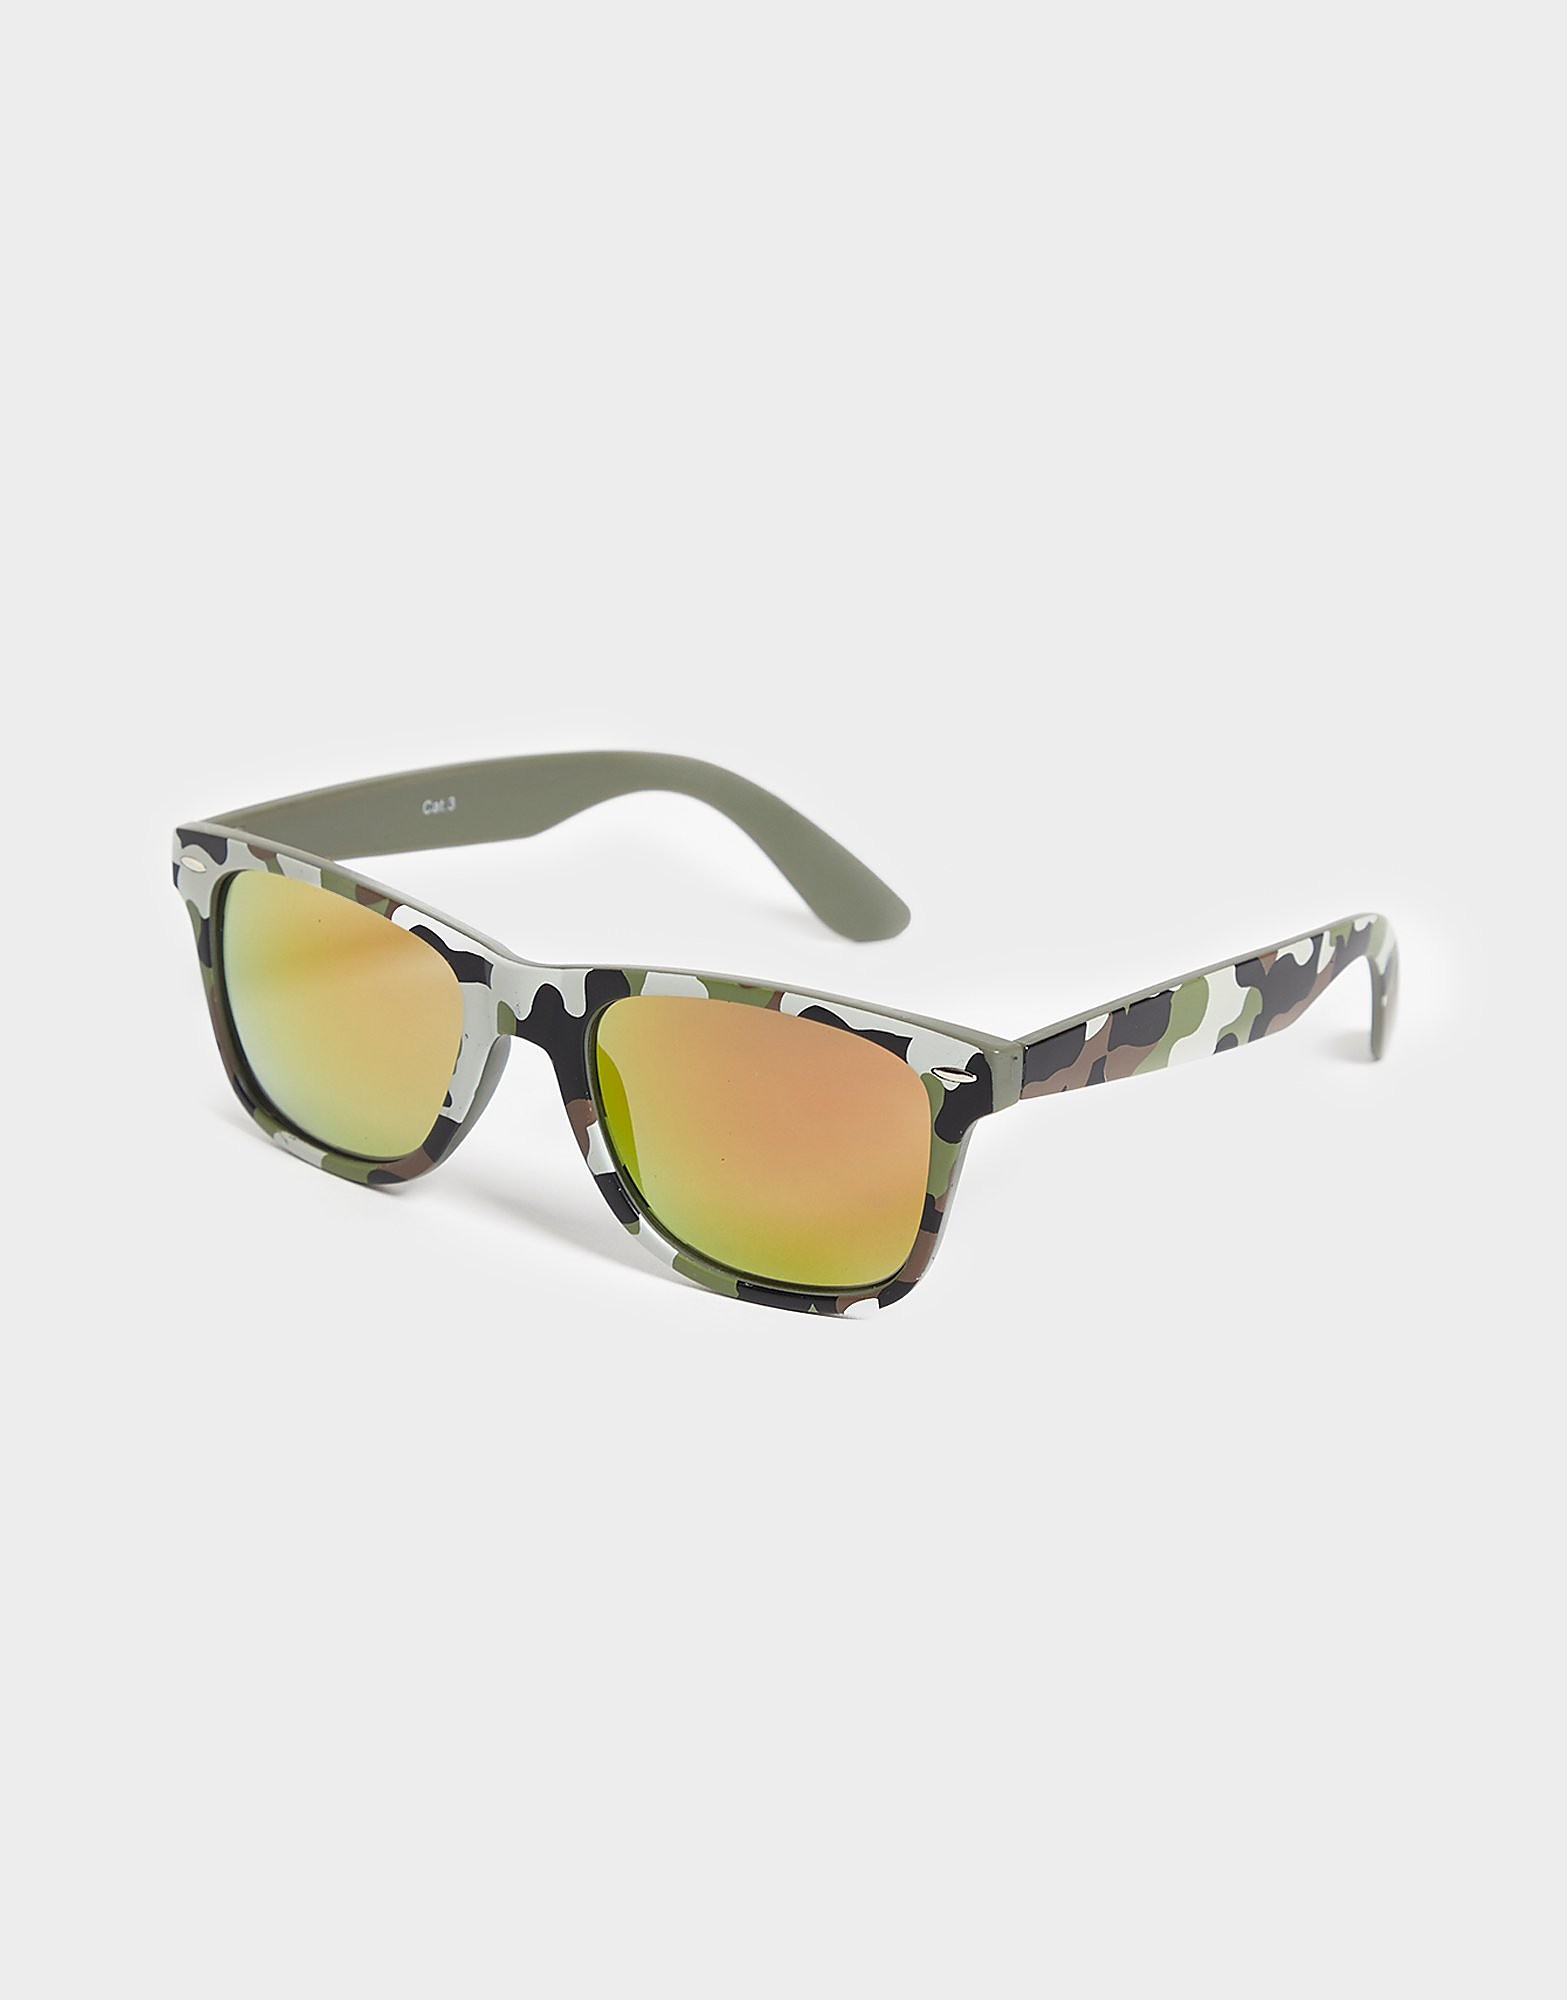 Brookhaven Ole zonnebril - alleen bij JD - Camouflage - Heren